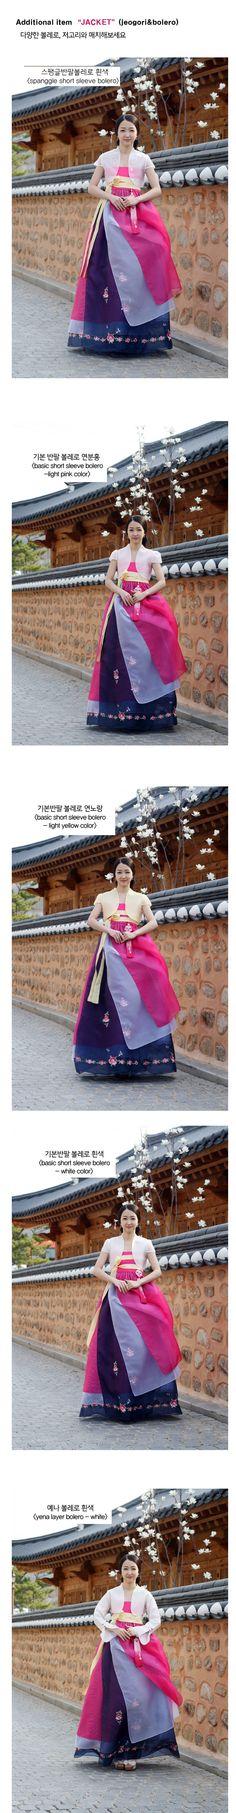 A hanbok is the traditional Korean dress. The hanbok dress is a modernized hanbok.